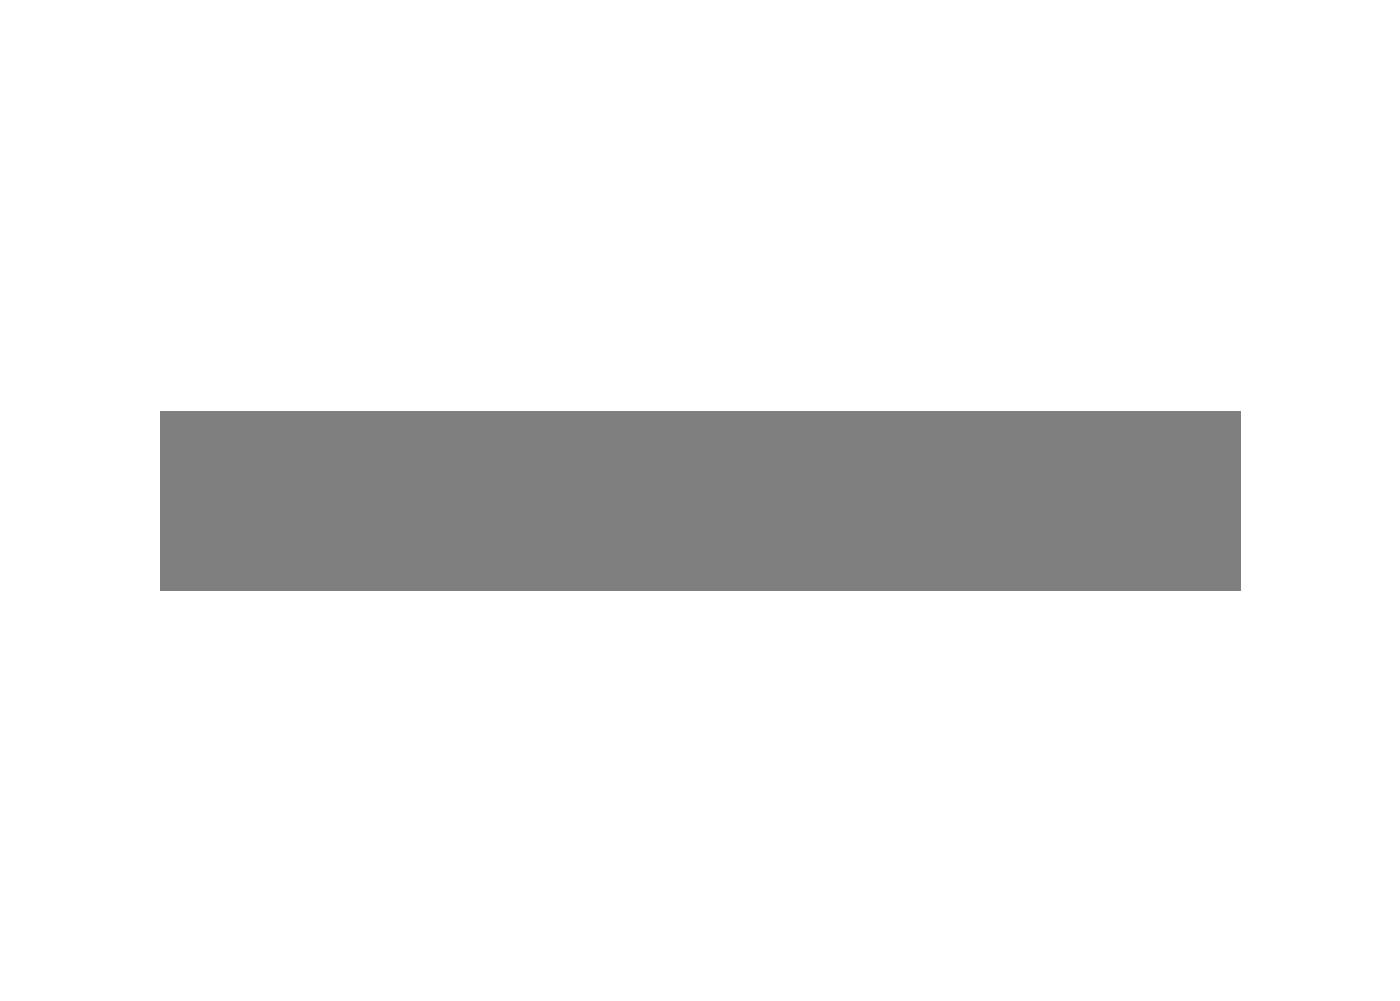 Dell_EMC_logo.svg black